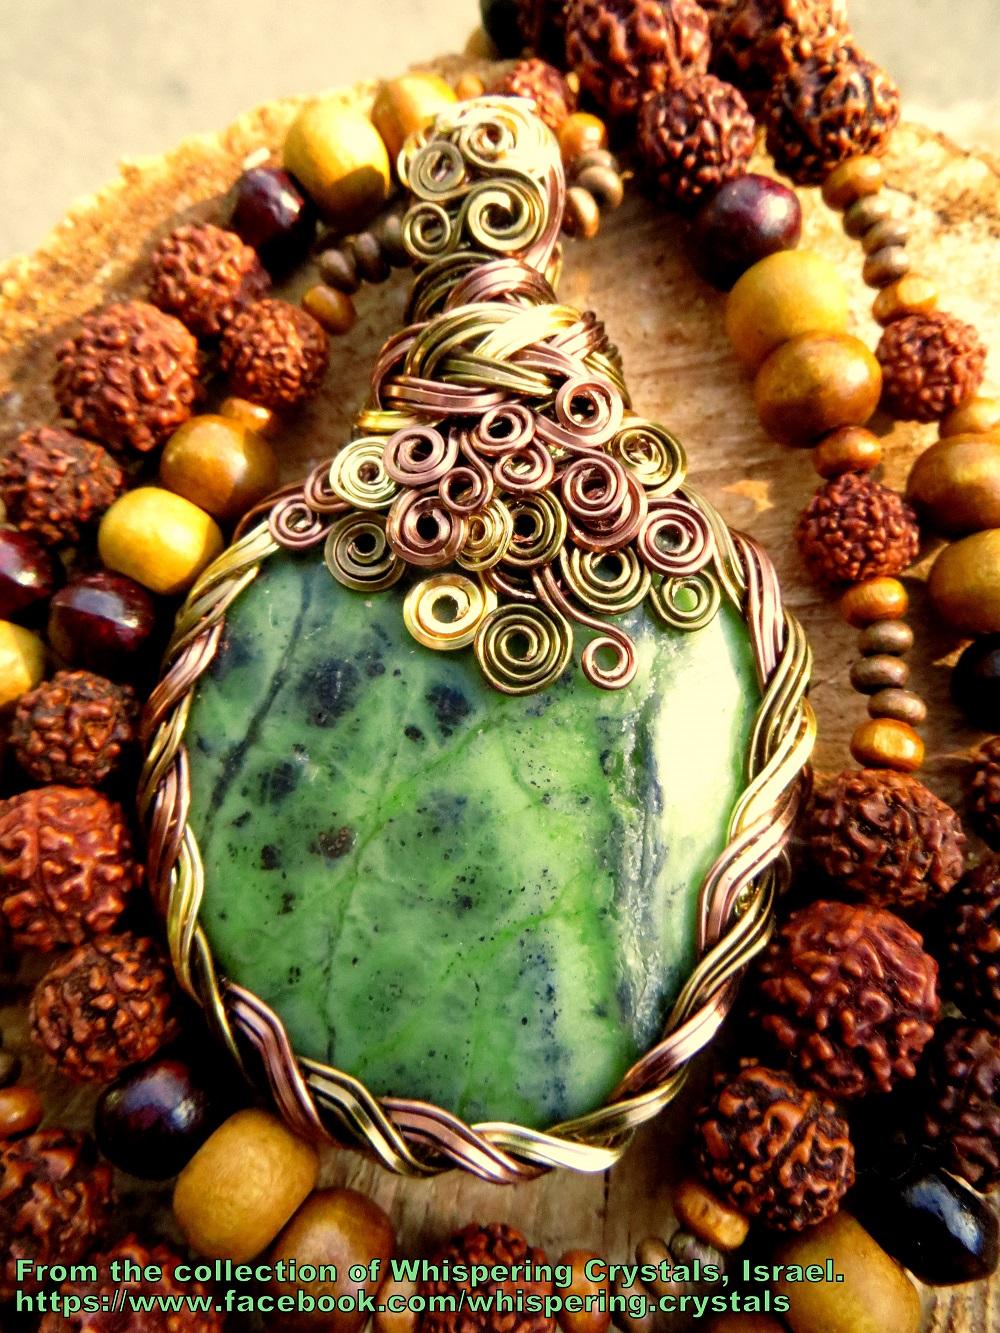 סרפנטיין מנומרת משובצת בנחושת. מהאוסף של 'וויספרינג קריסטלס' www.facebook.com/whispering.crystals